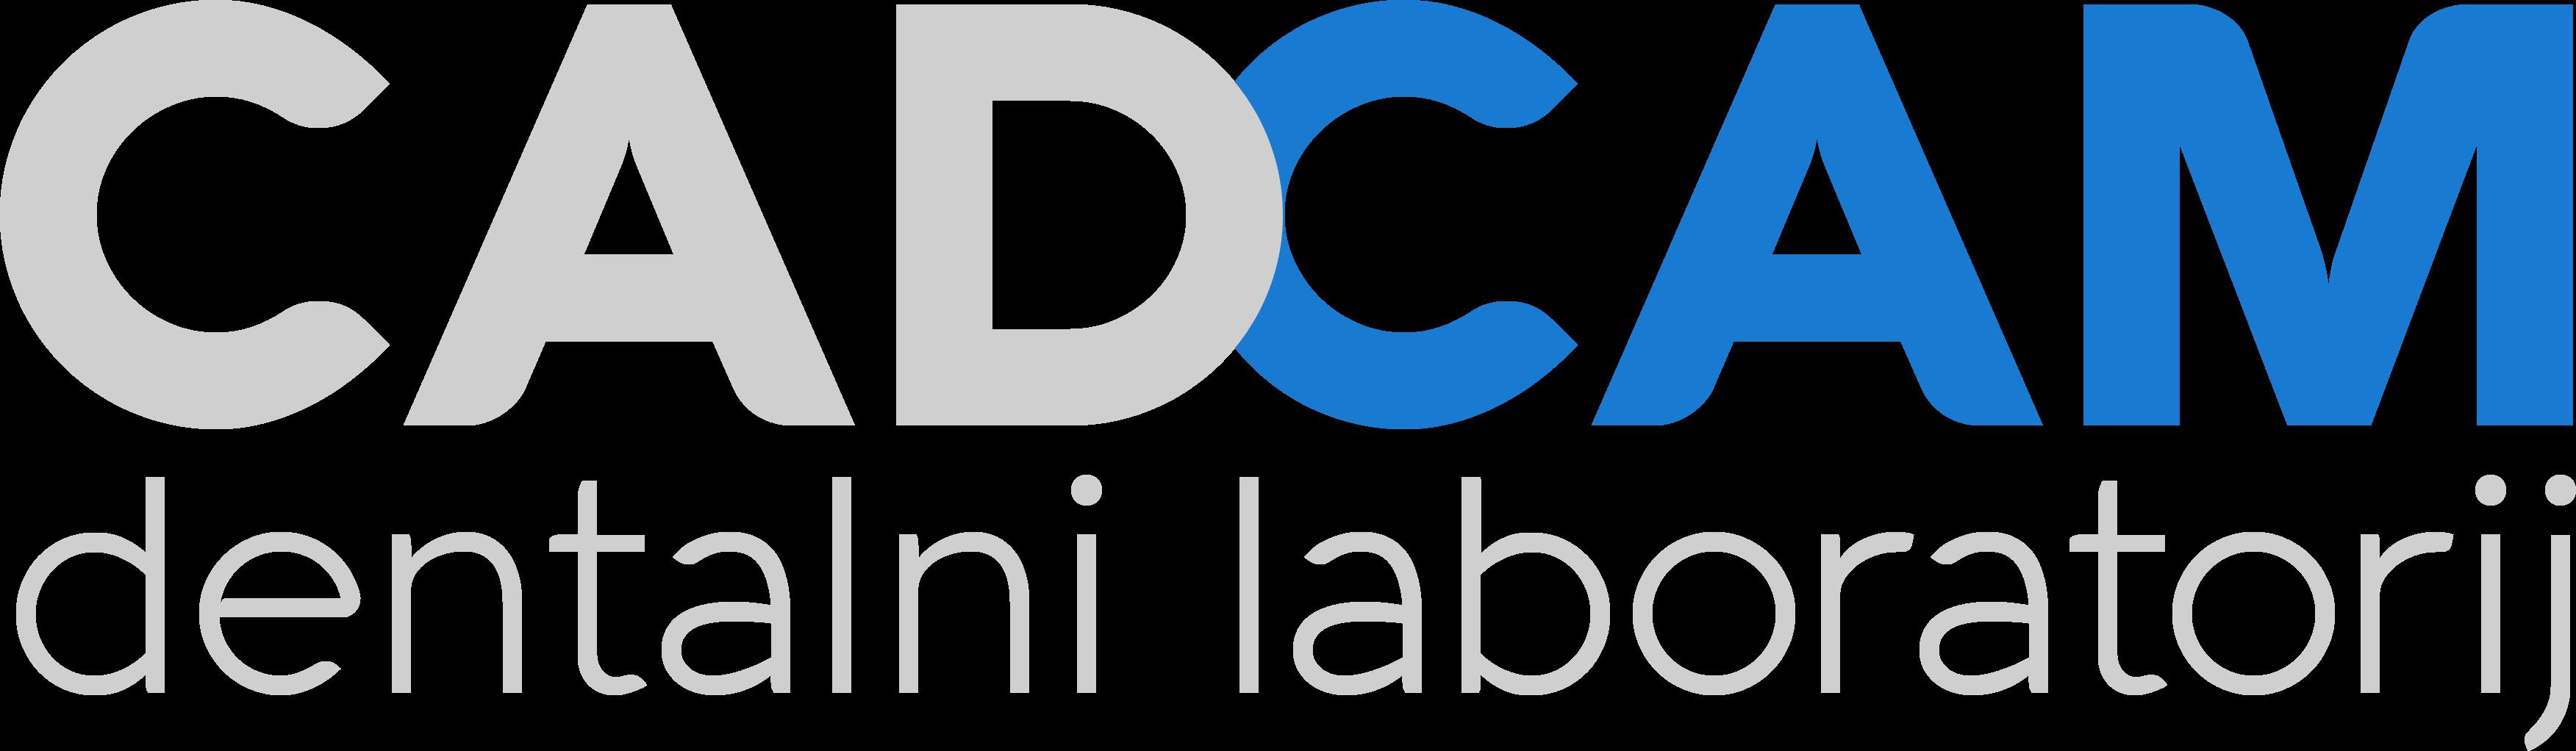 cadcam-dentalni-laboratorij